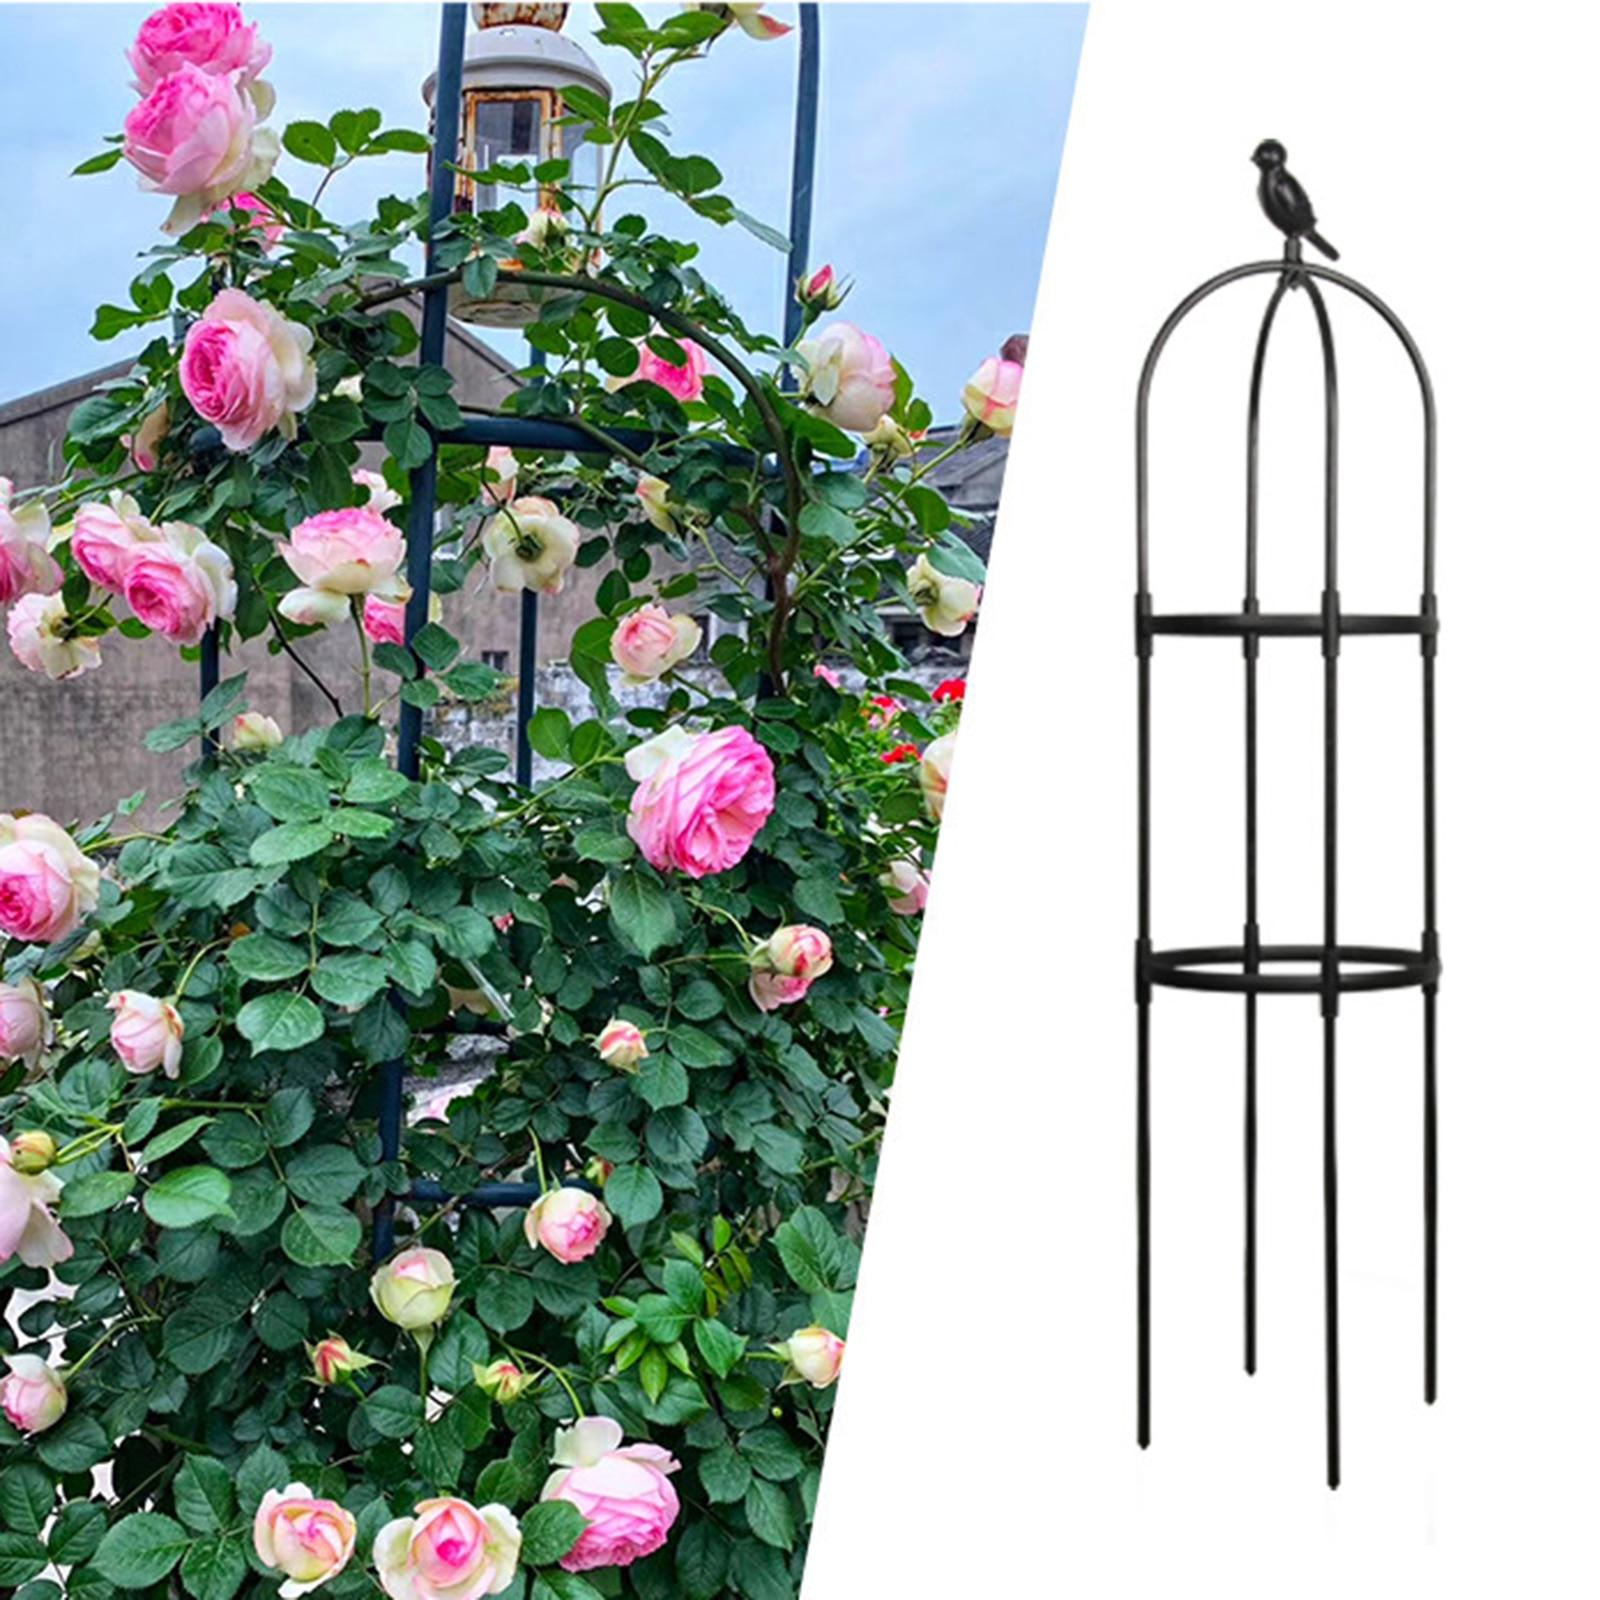 120 سنتيمتر حديقة تعريشة تسلق الكرمة رف في الهواء الطلق البلاستيك المغلفة الحديد المنزل خفيفة الوزن ودائم إطار دعم النبات